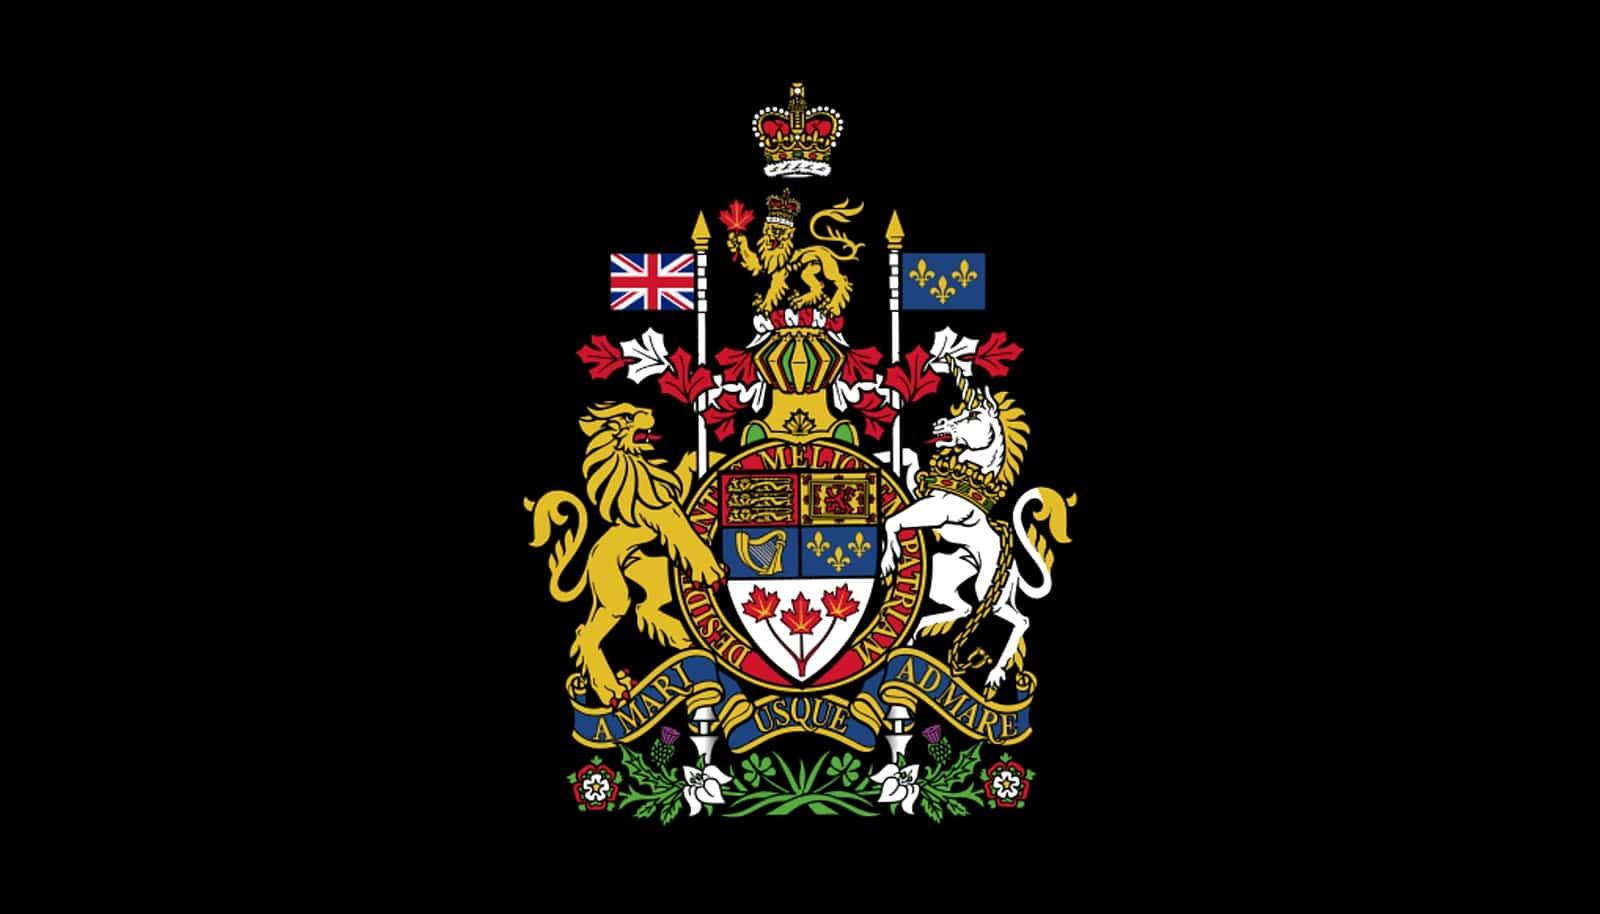 Das Wappen Kanadas. Foto gemeinfrei